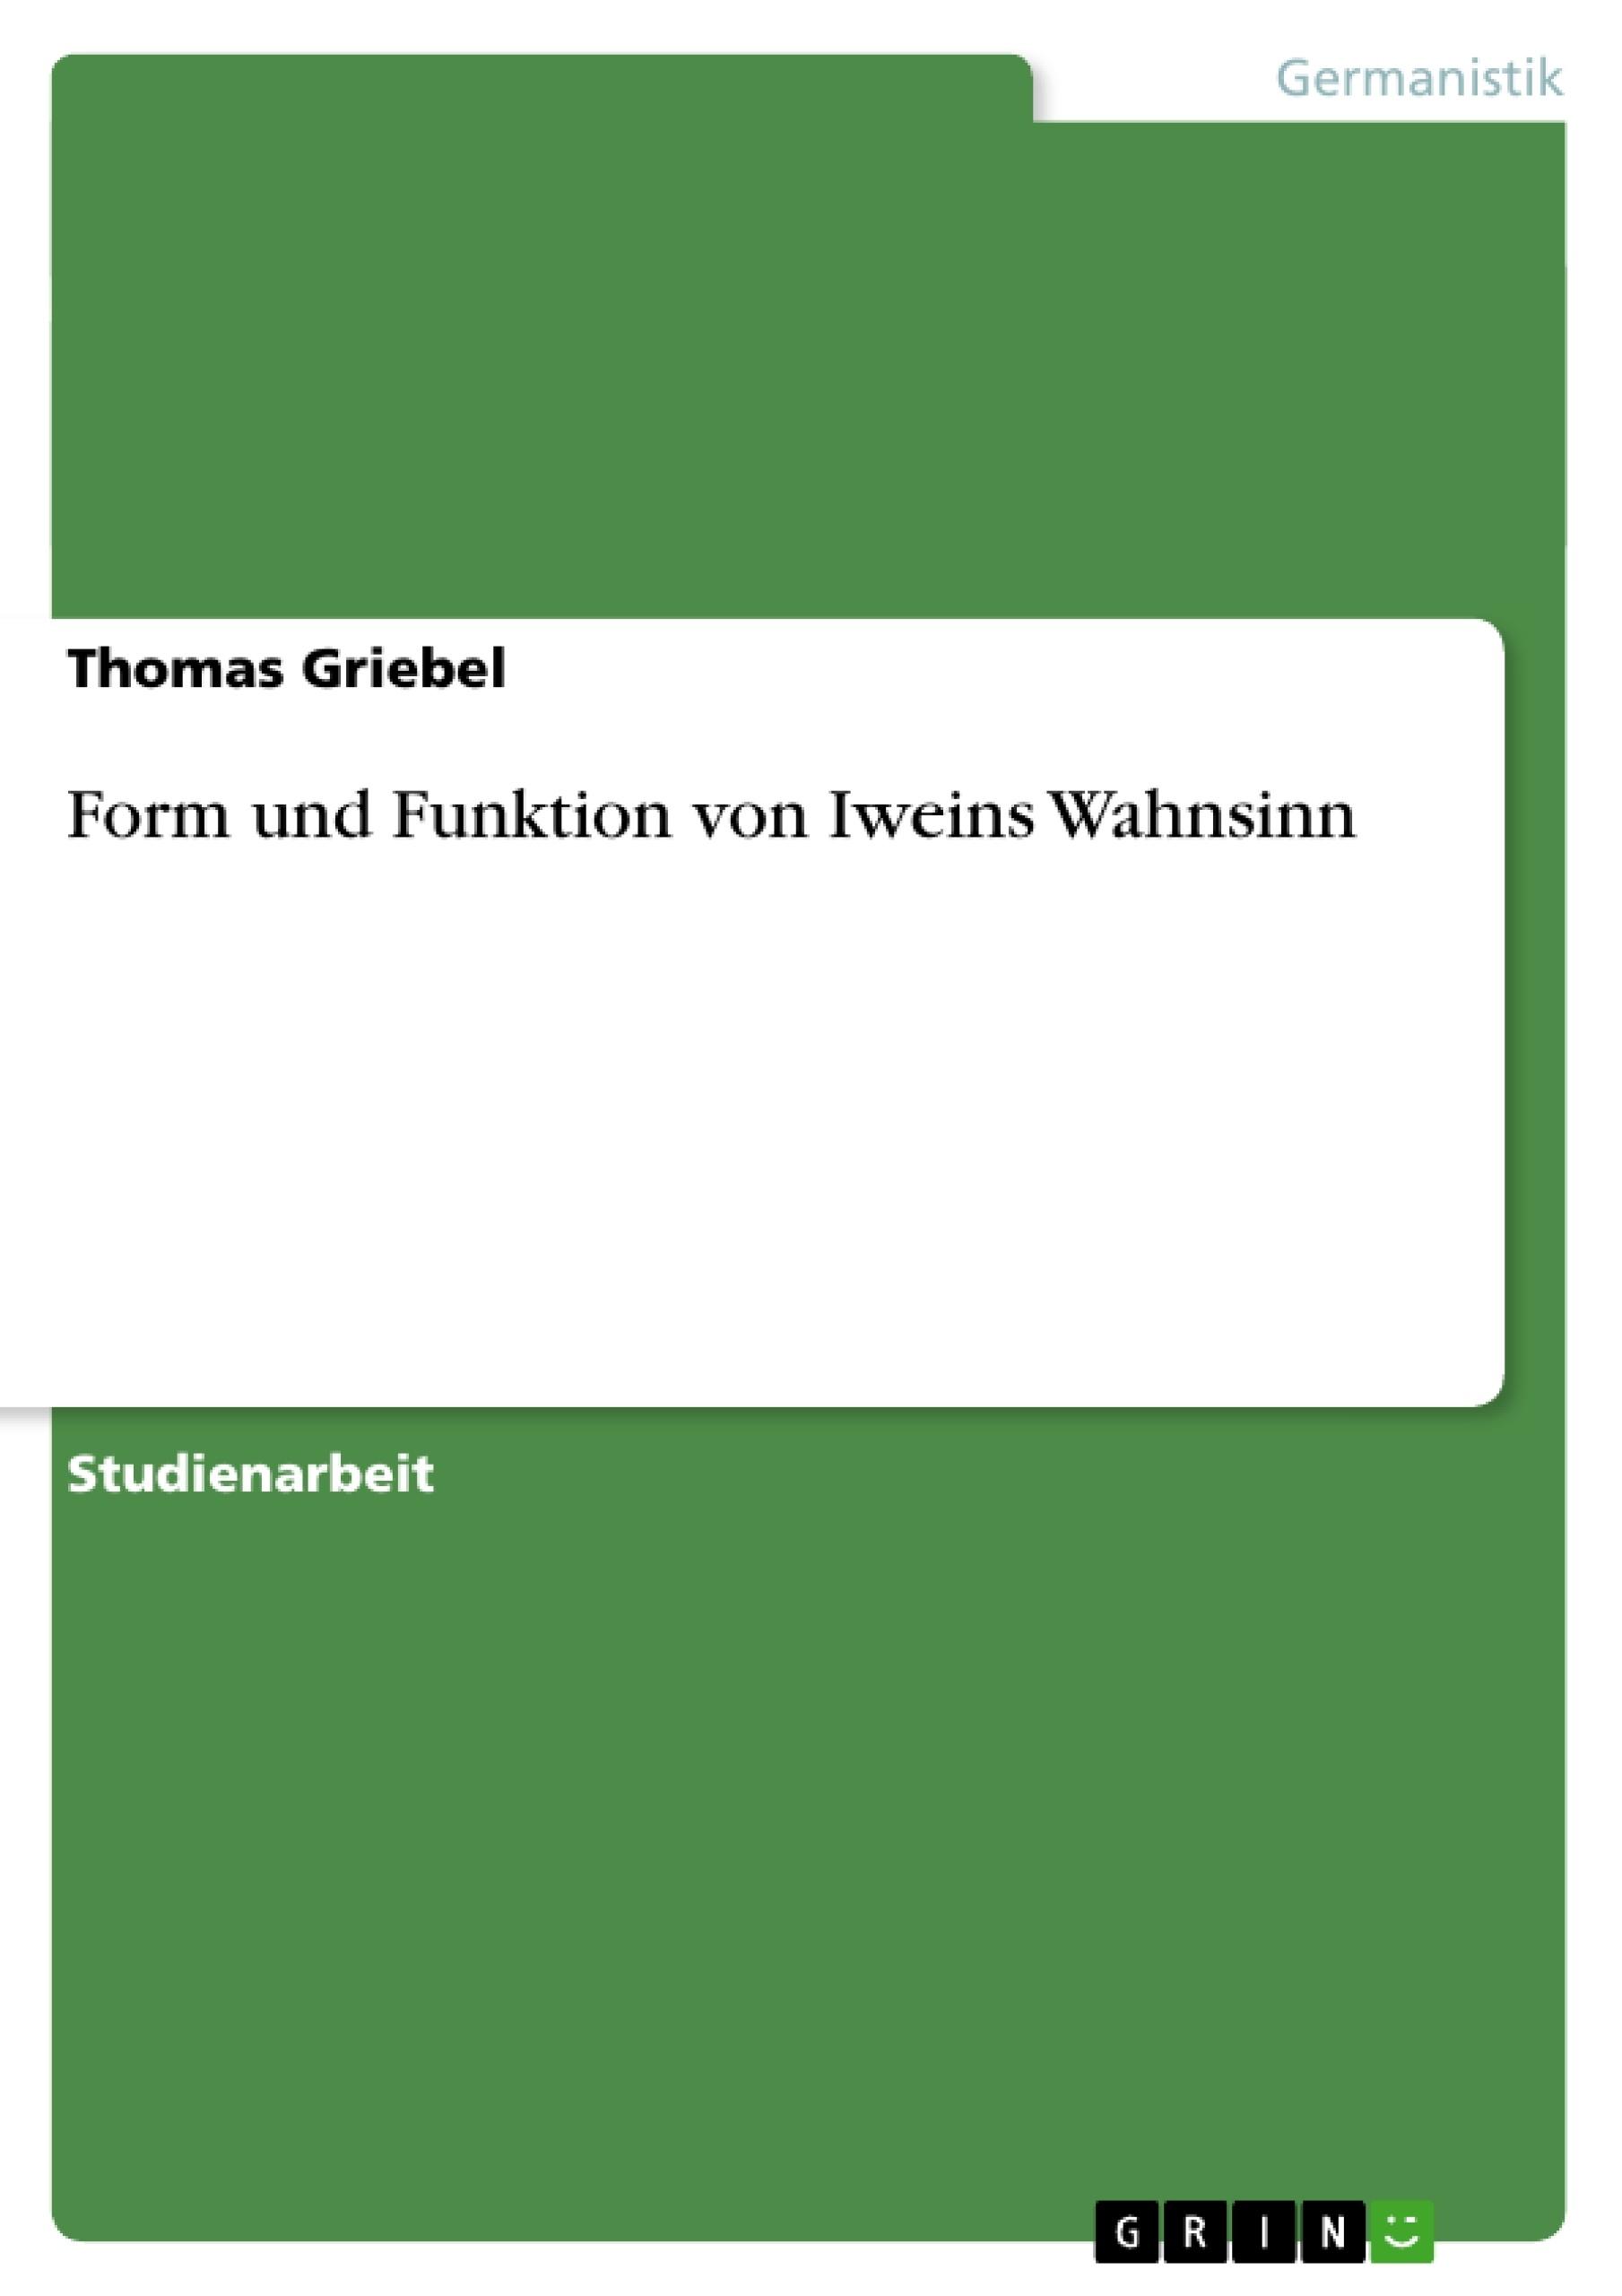 Titel: Form und Funktion von Iweins Wahnsinn